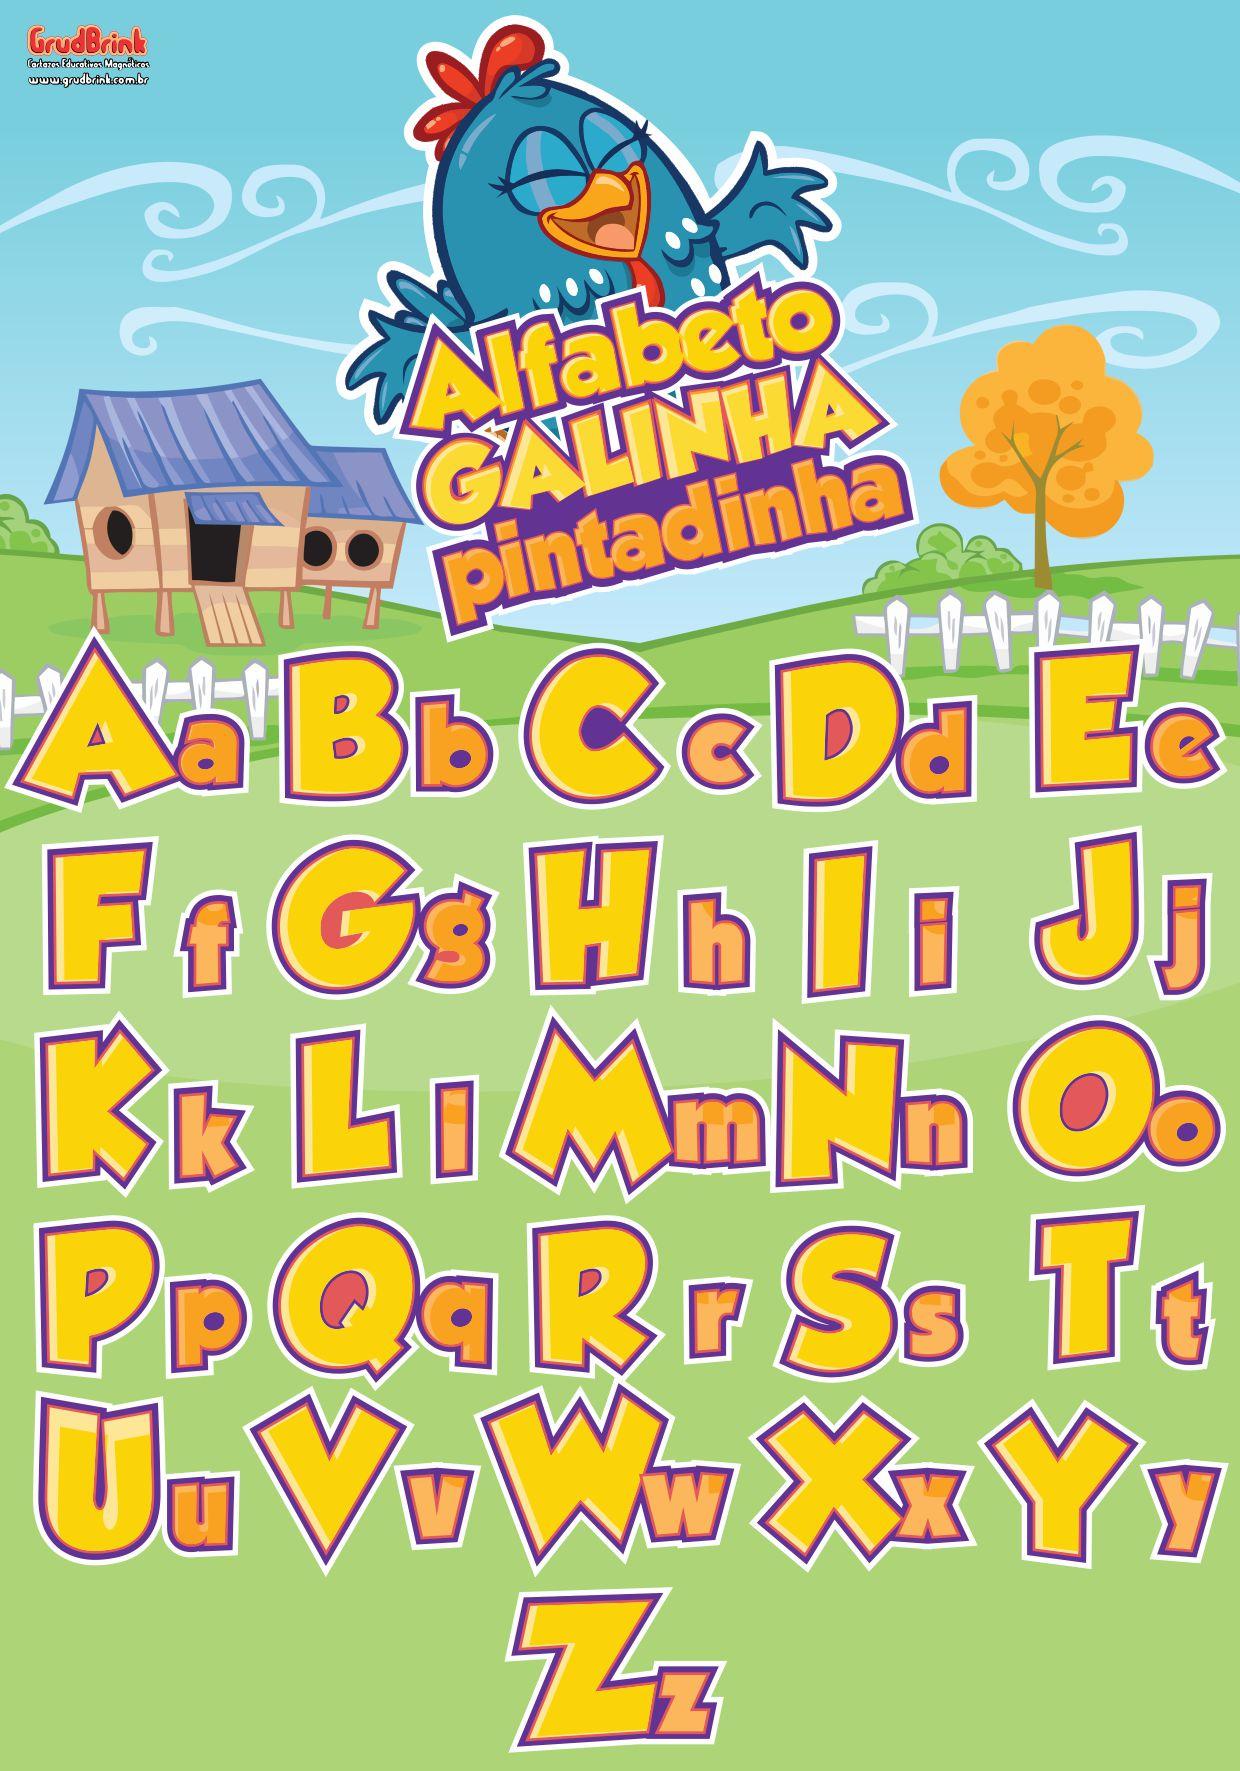 reforço escolar, decoração de sala de aula, painel de sala de aula, ensinar em casa, Educação infantil. decoração infantil